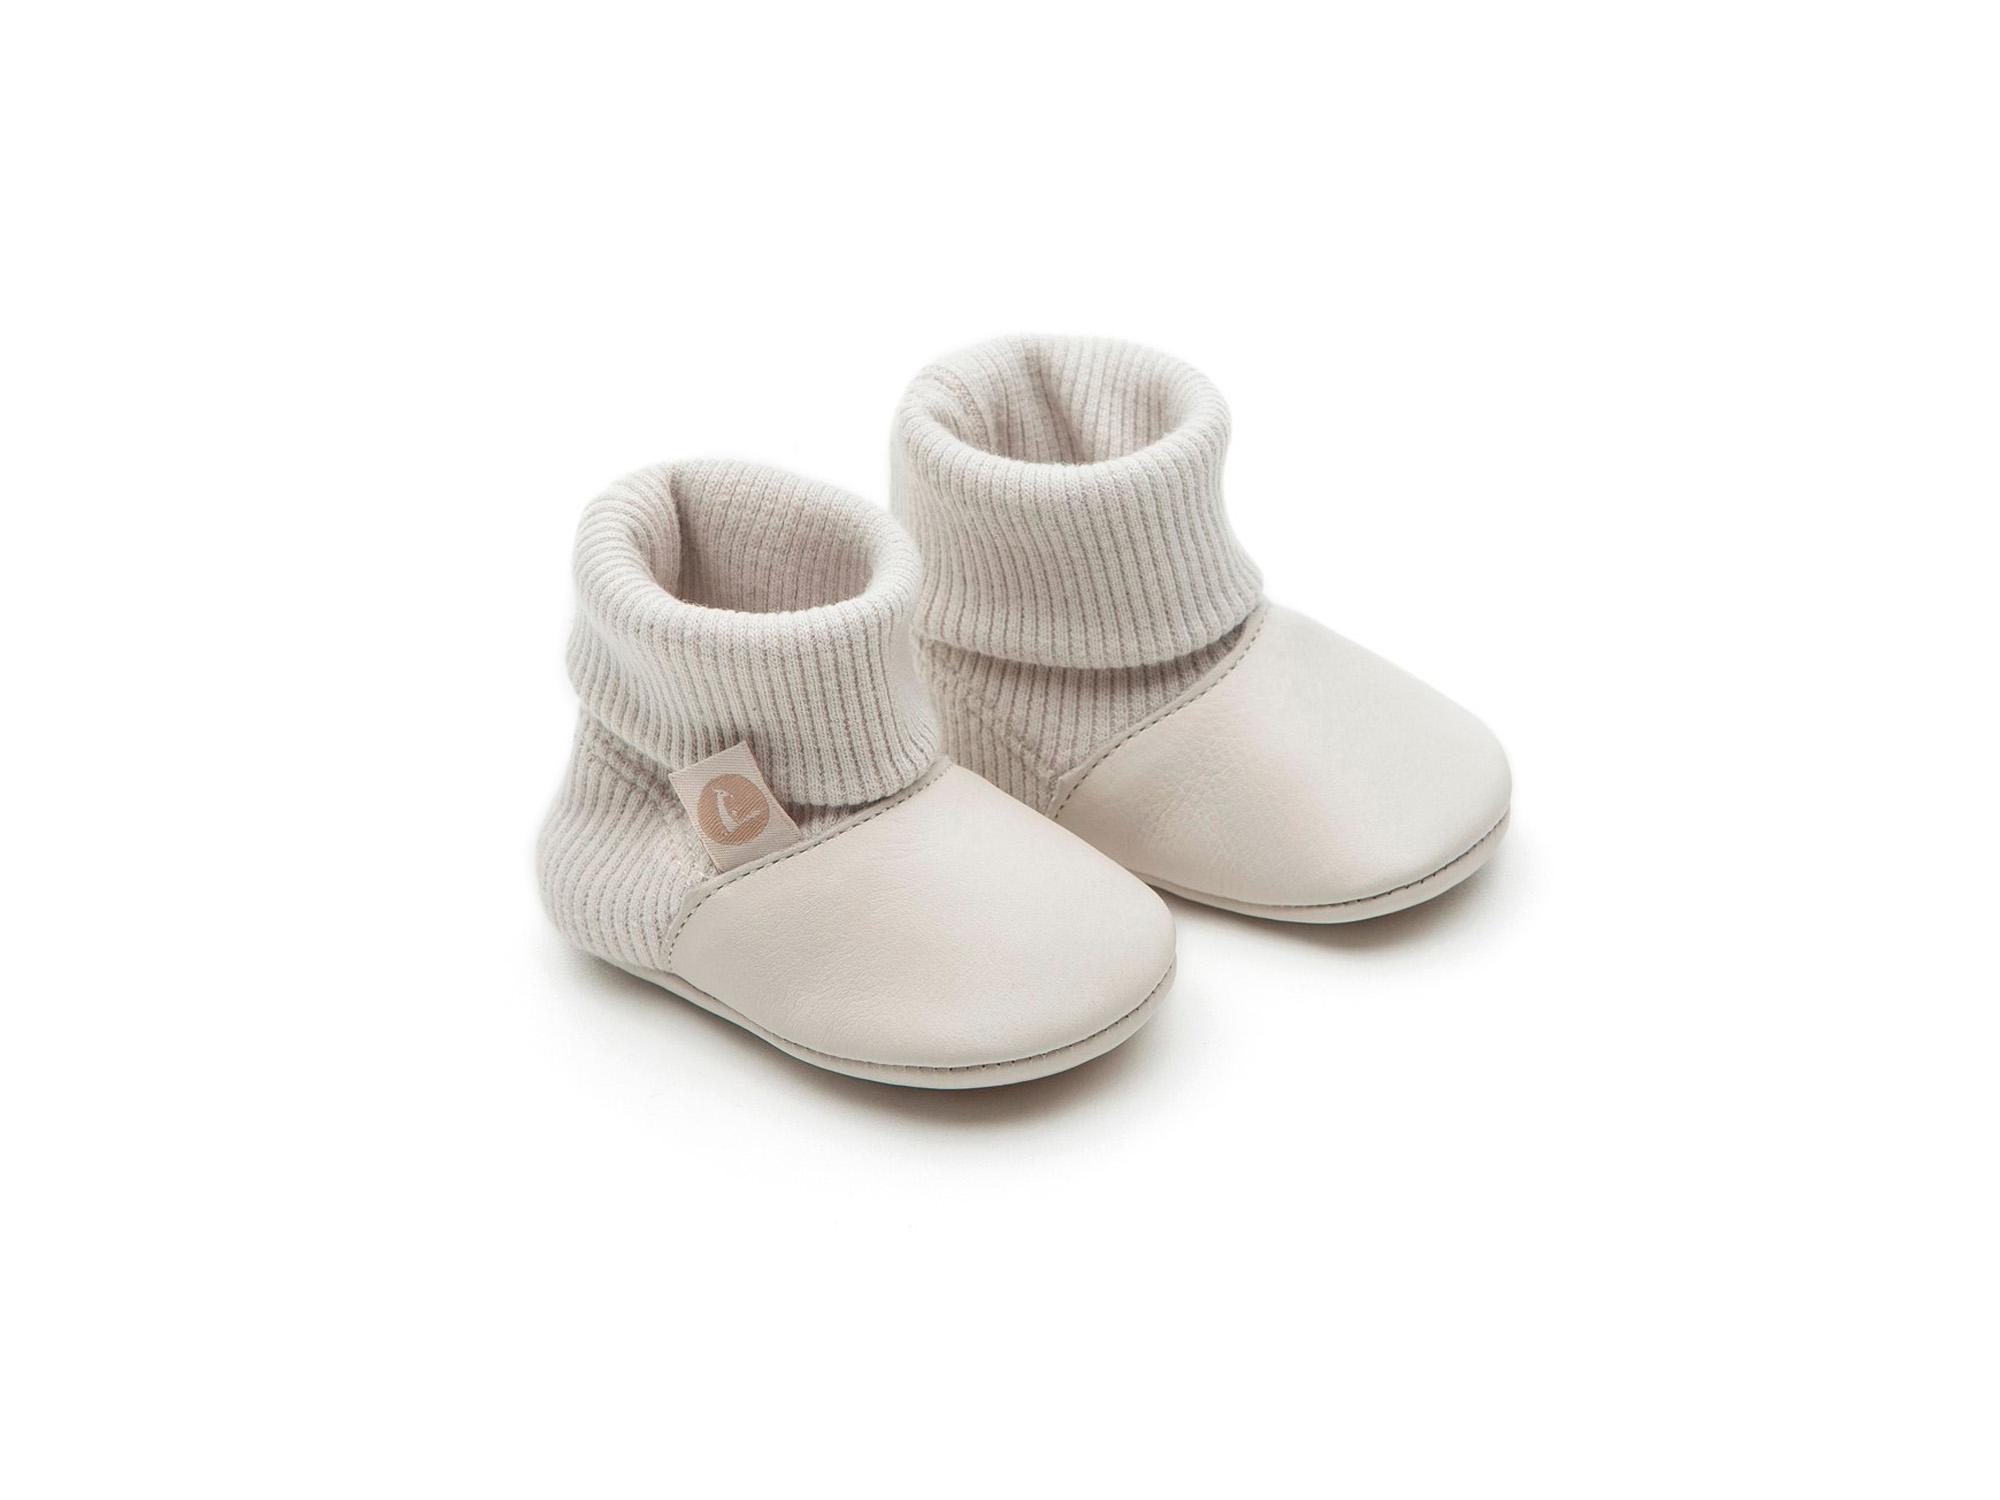 Bota Laugh Tapioca Baby 0 à 2 anos - 0